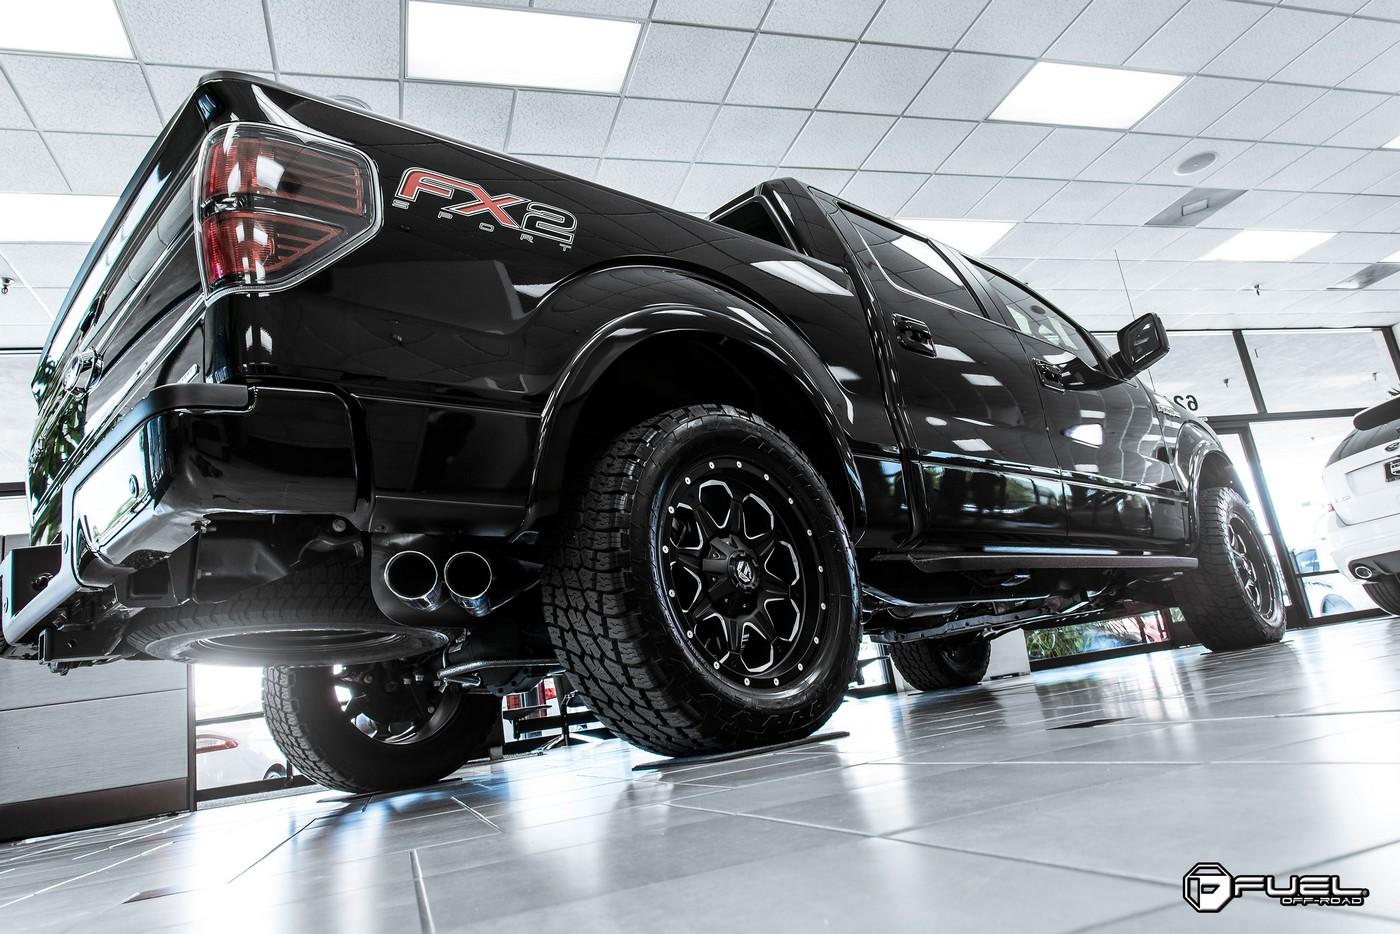 parlons 4x4 le ford f150 raptor sur le forum automobiles 27 06 2014 00 20 23. Black Bedroom Furniture Sets. Home Design Ideas